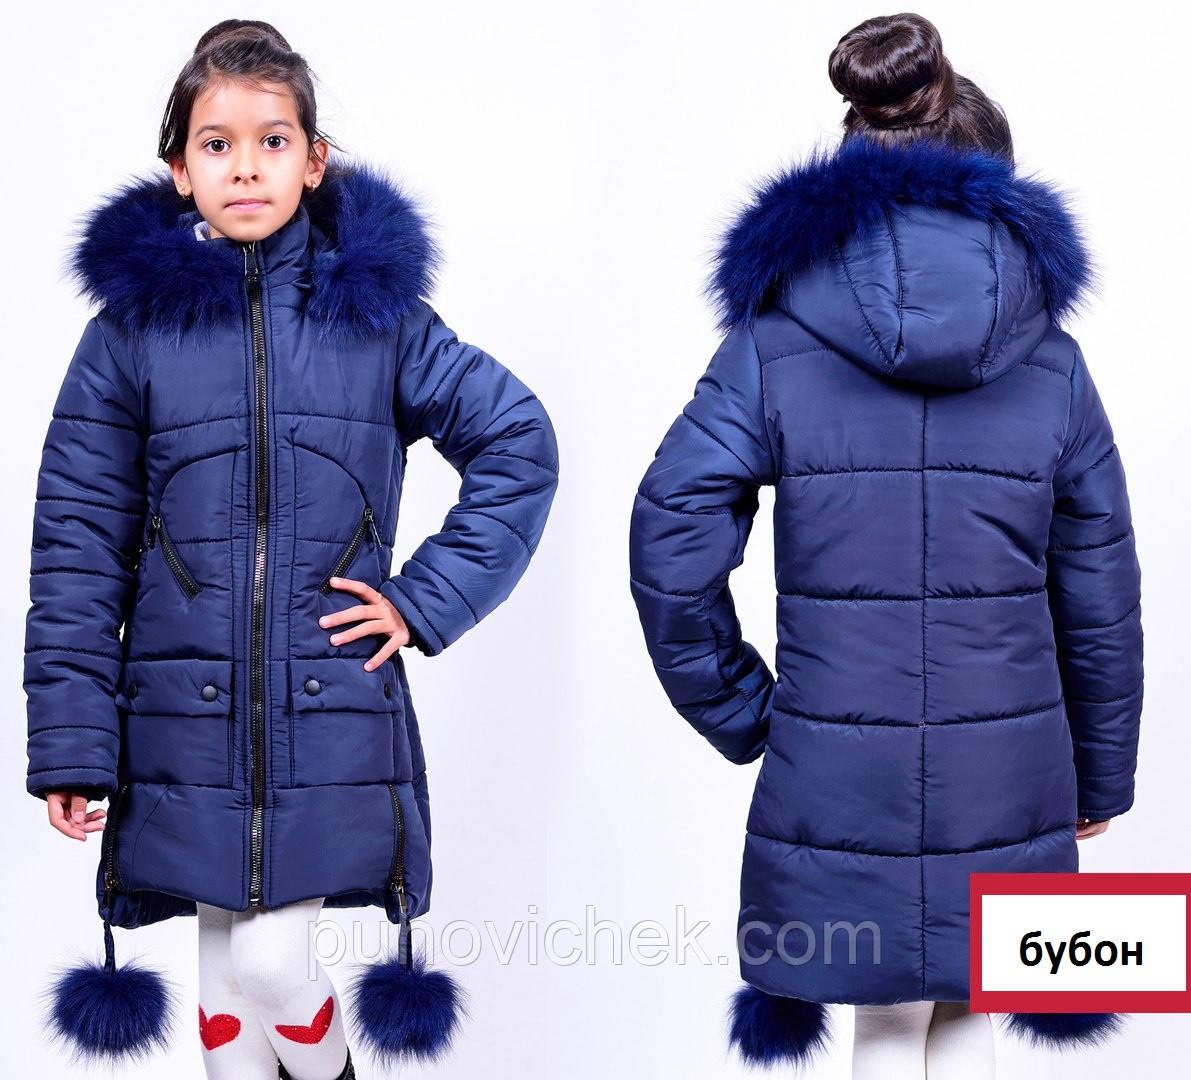 68ef9b2663c Зимние детские пальто и куртки для девочек - Интернет магазин Линия одежды  в Харькове